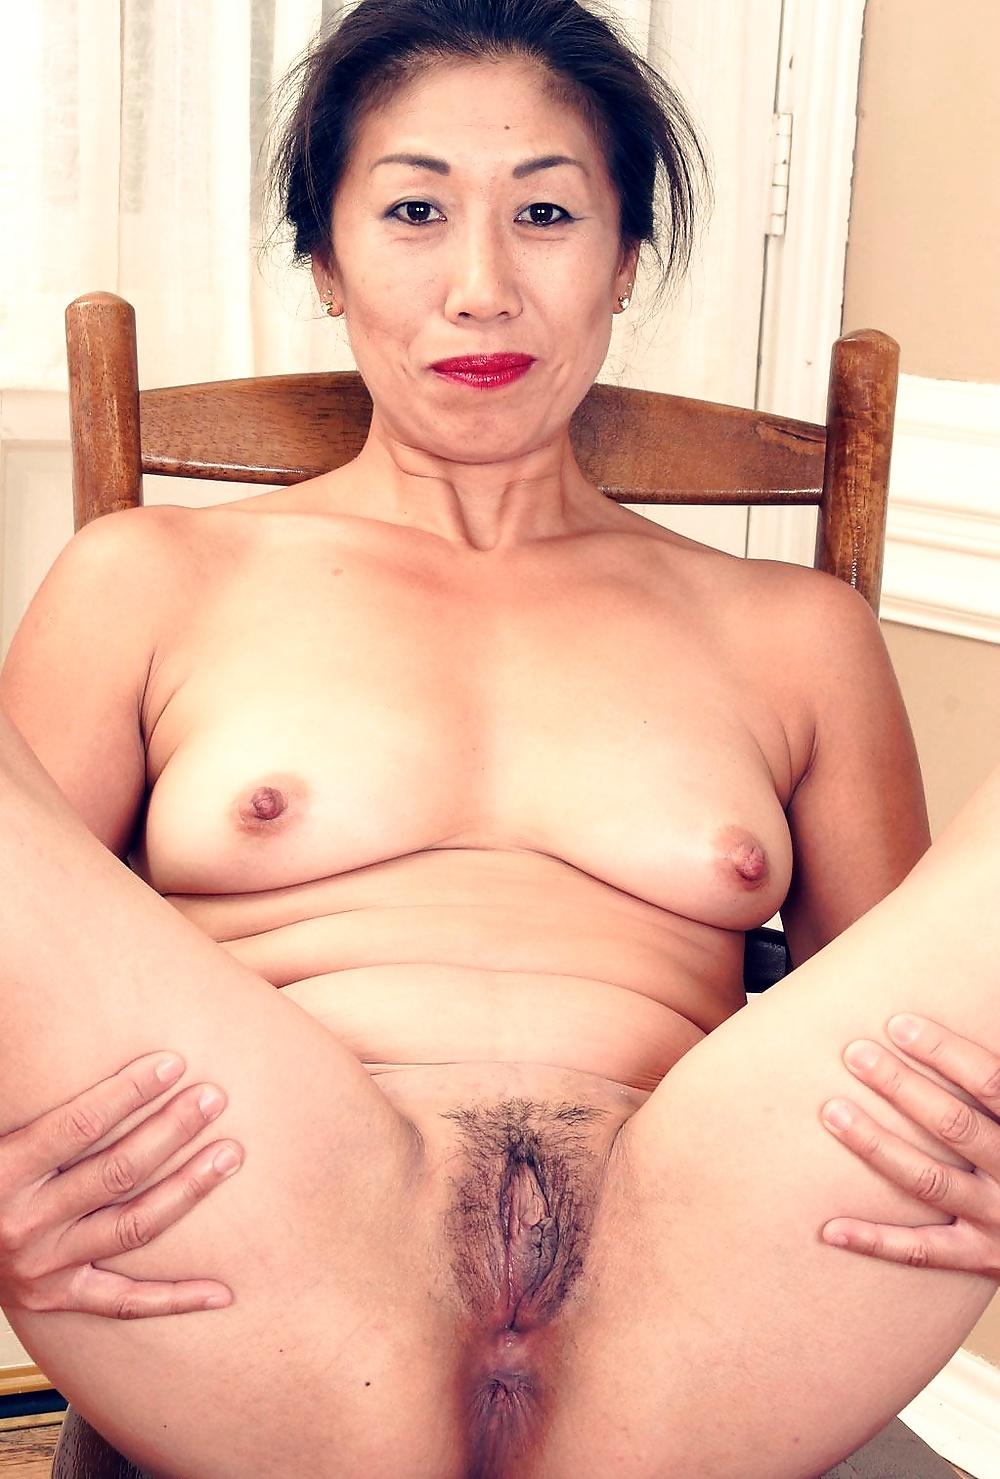 порно фотографии зрелых азиаток